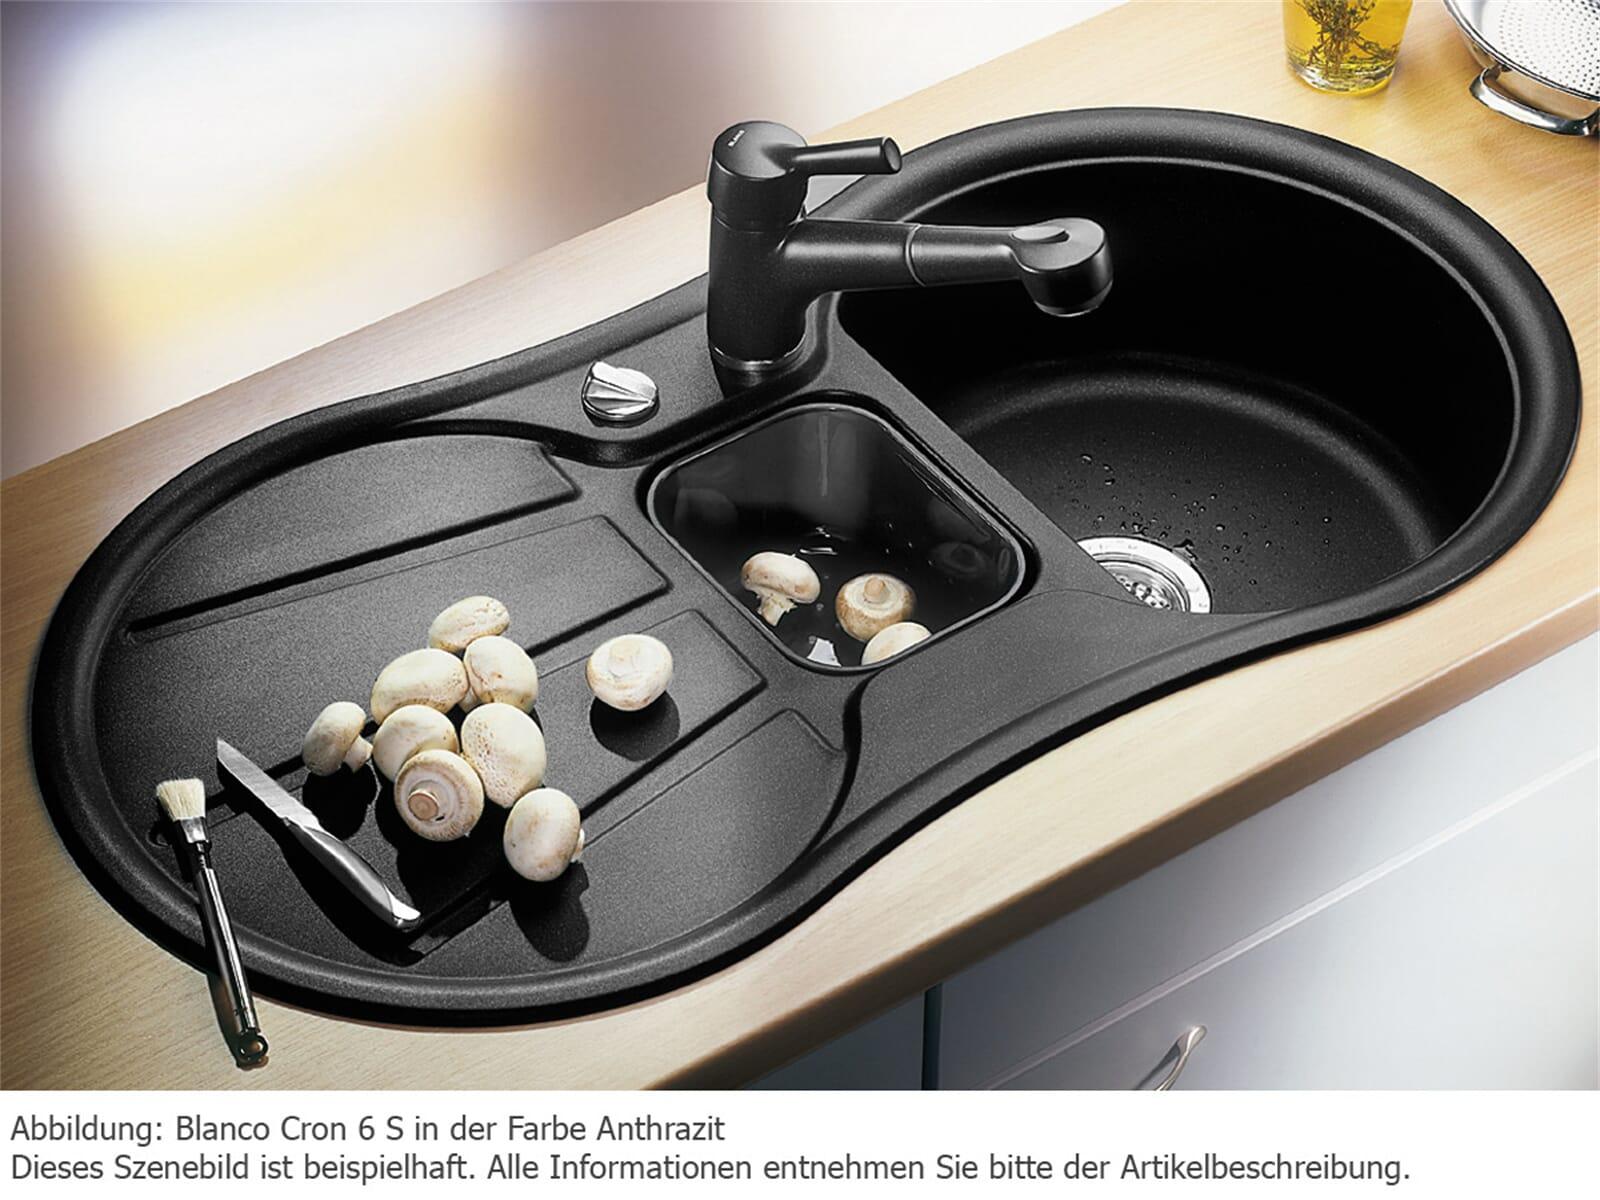 Spülbecken Küche Granit | Jtleigh.com - Hausgestaltung Ideen | {Spülbecken blanco 17}